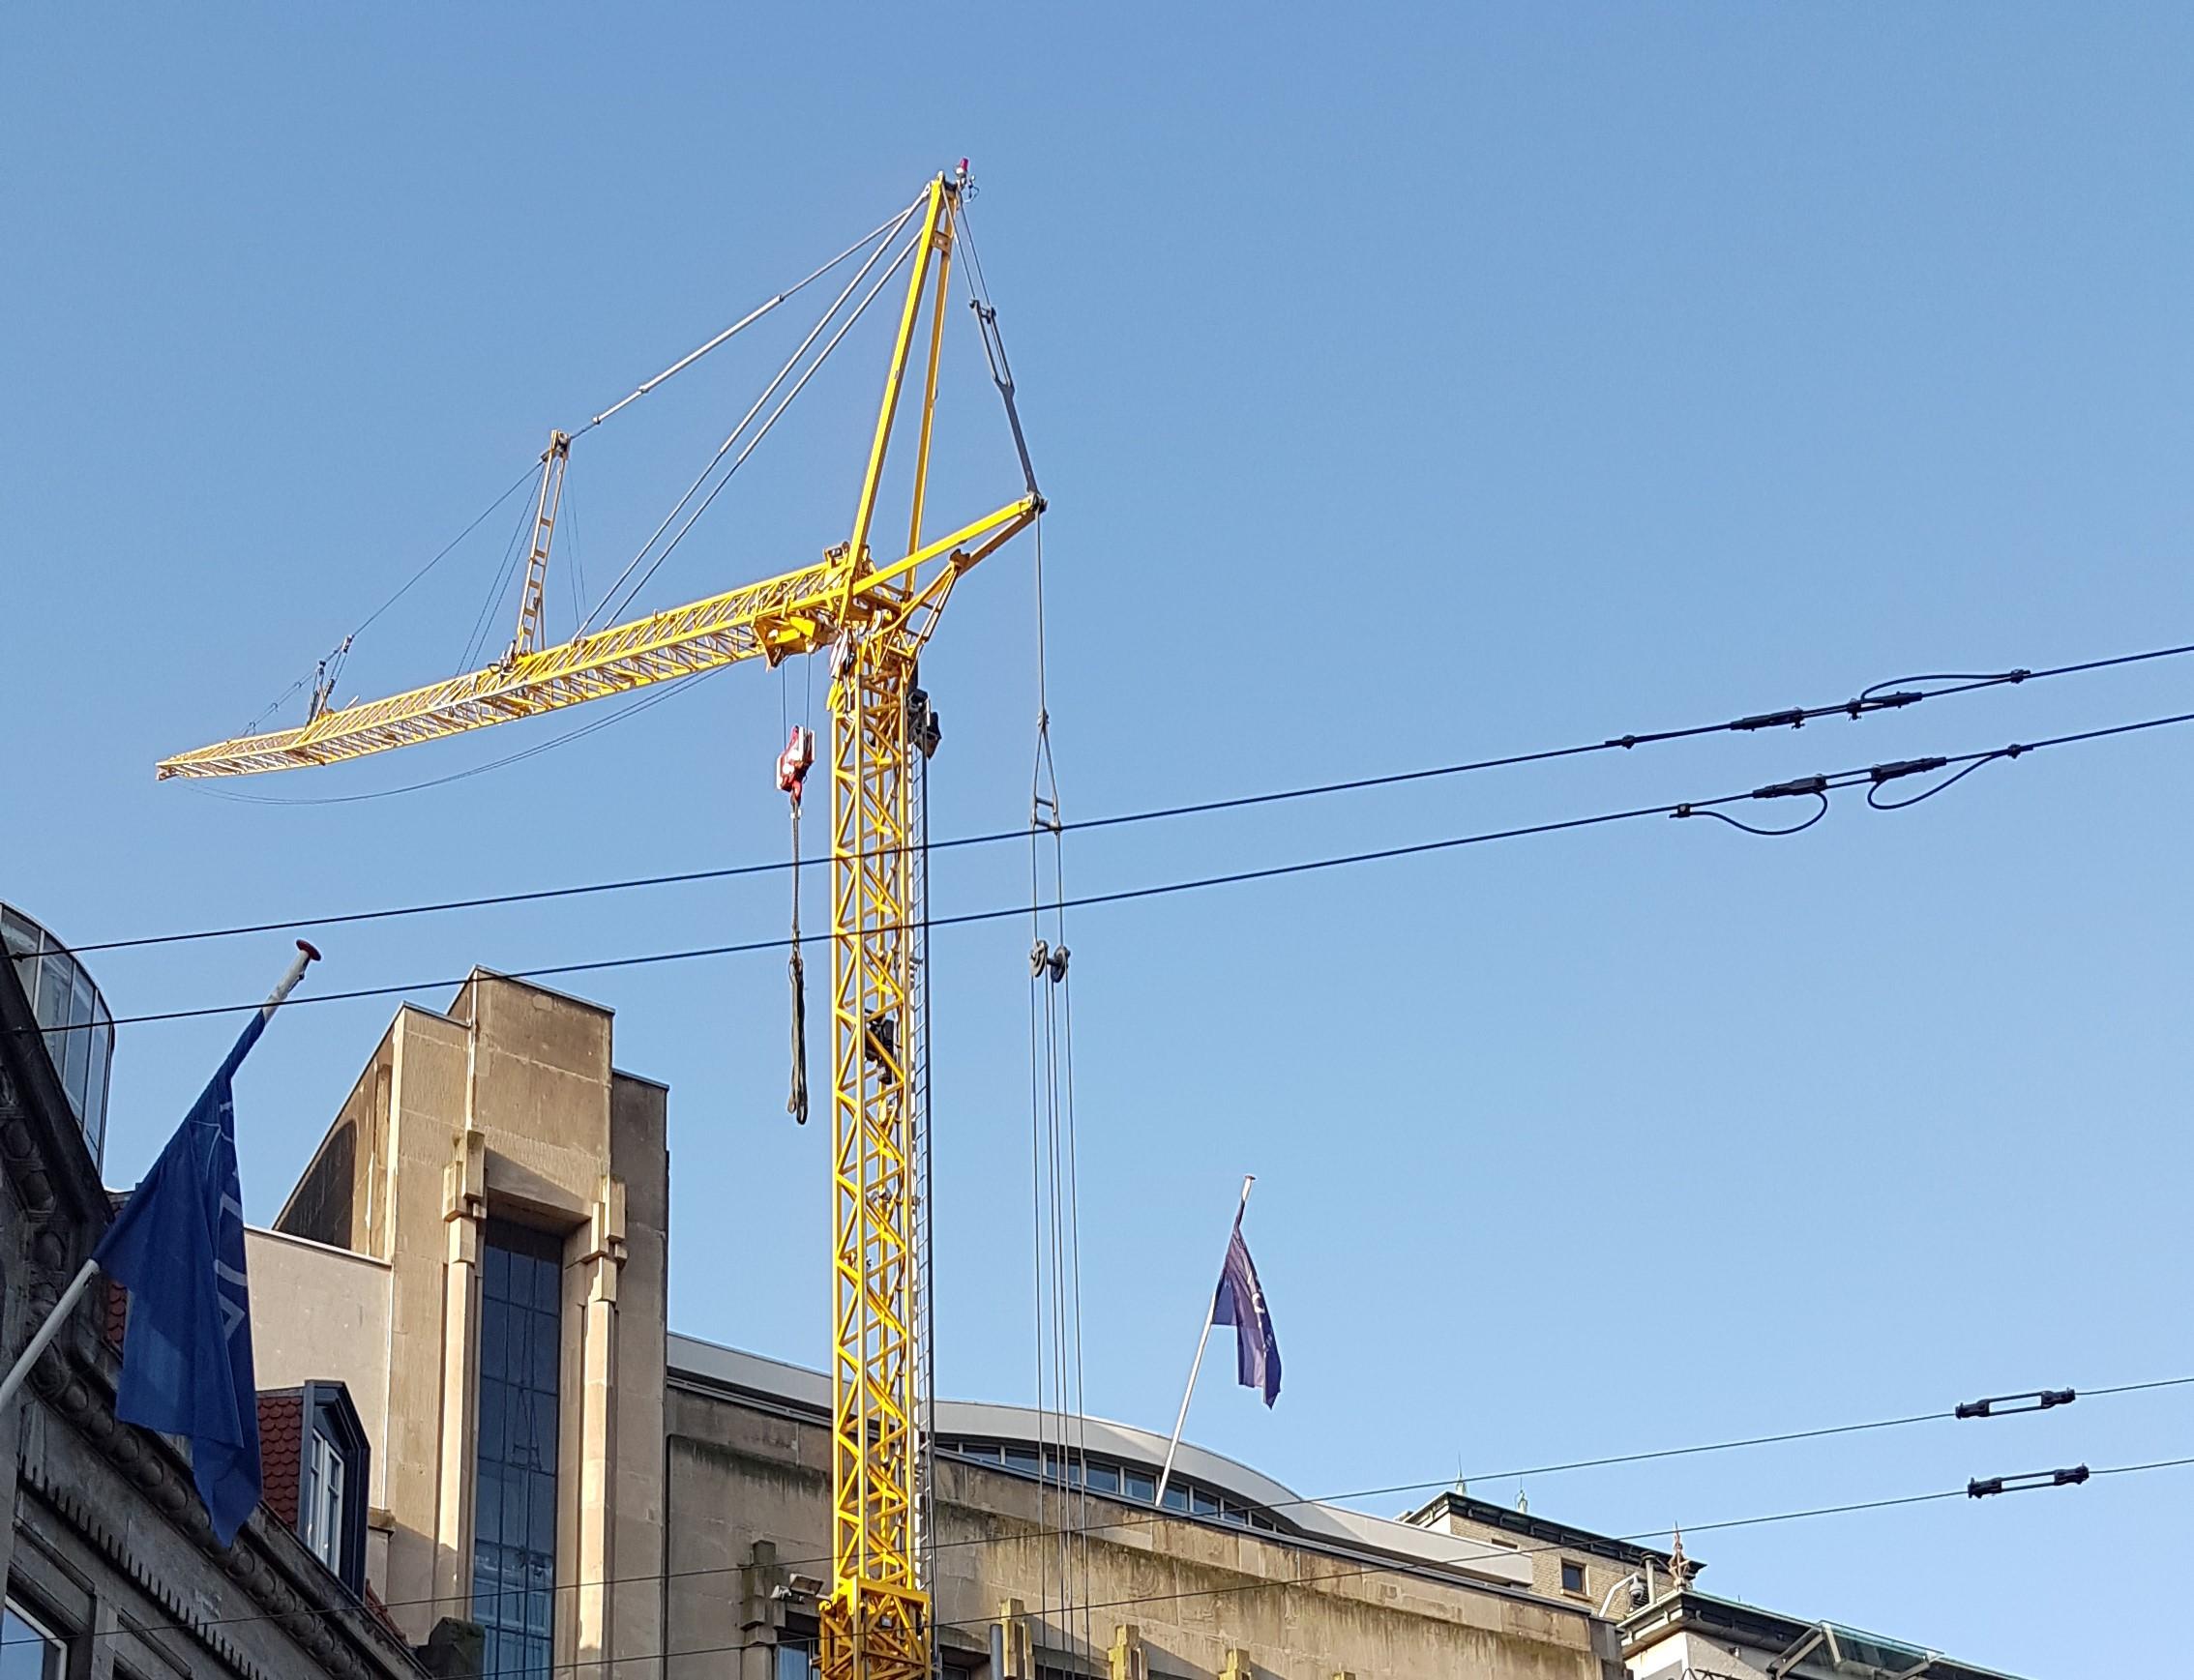 Barneveldse kraanverhuur actief in Den Haag; verplaatsen van de overkapping